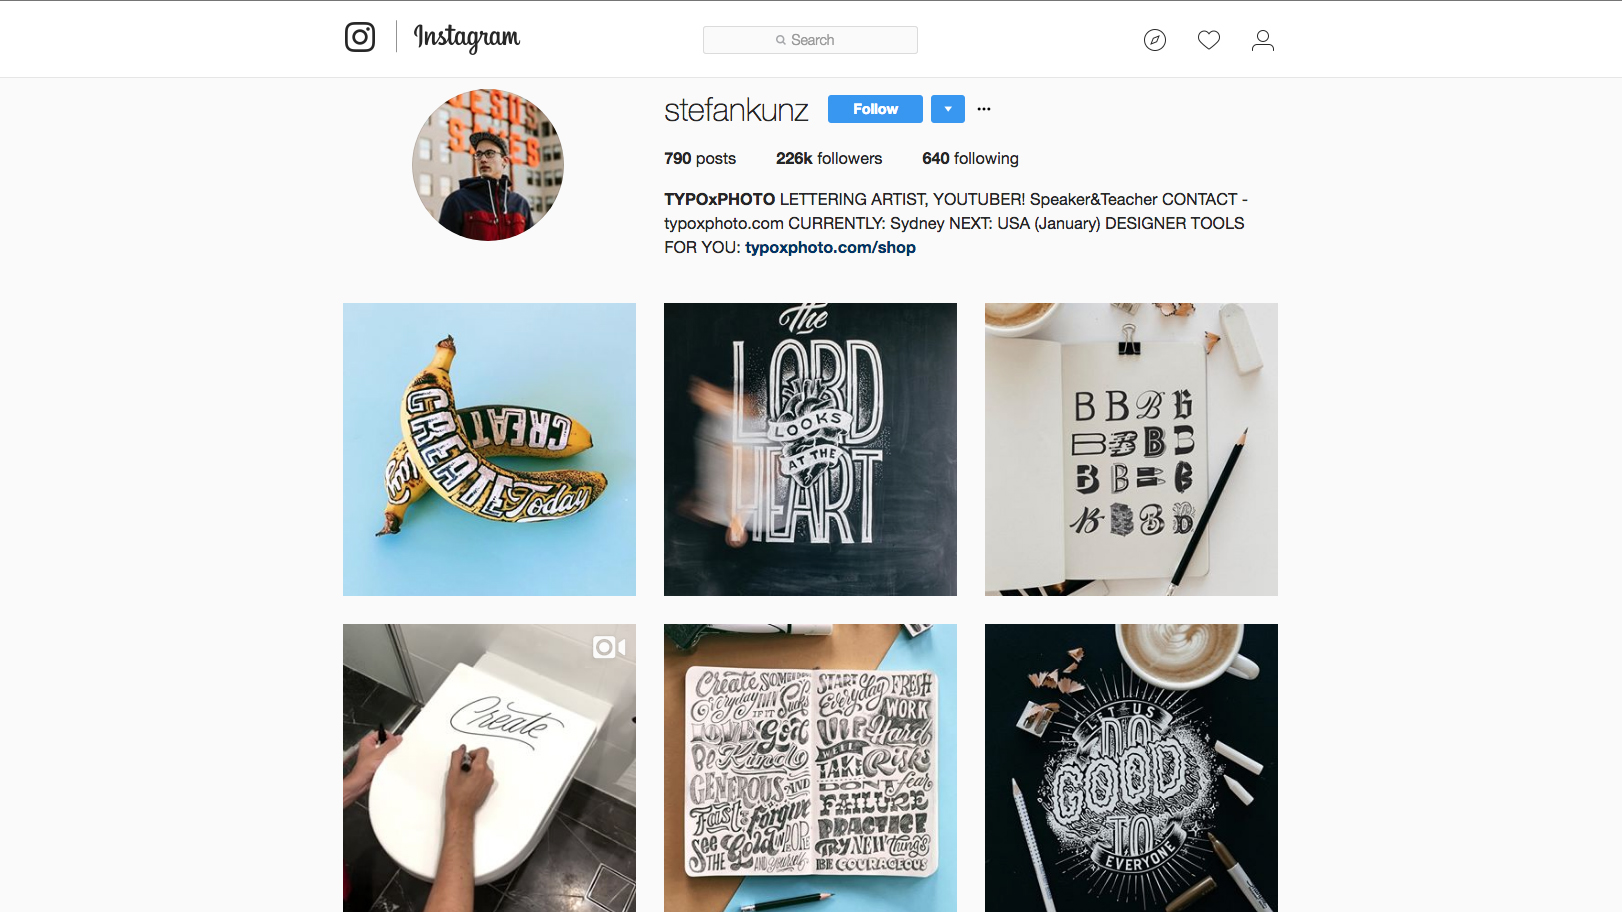 Stefan Kunz's Instagram page